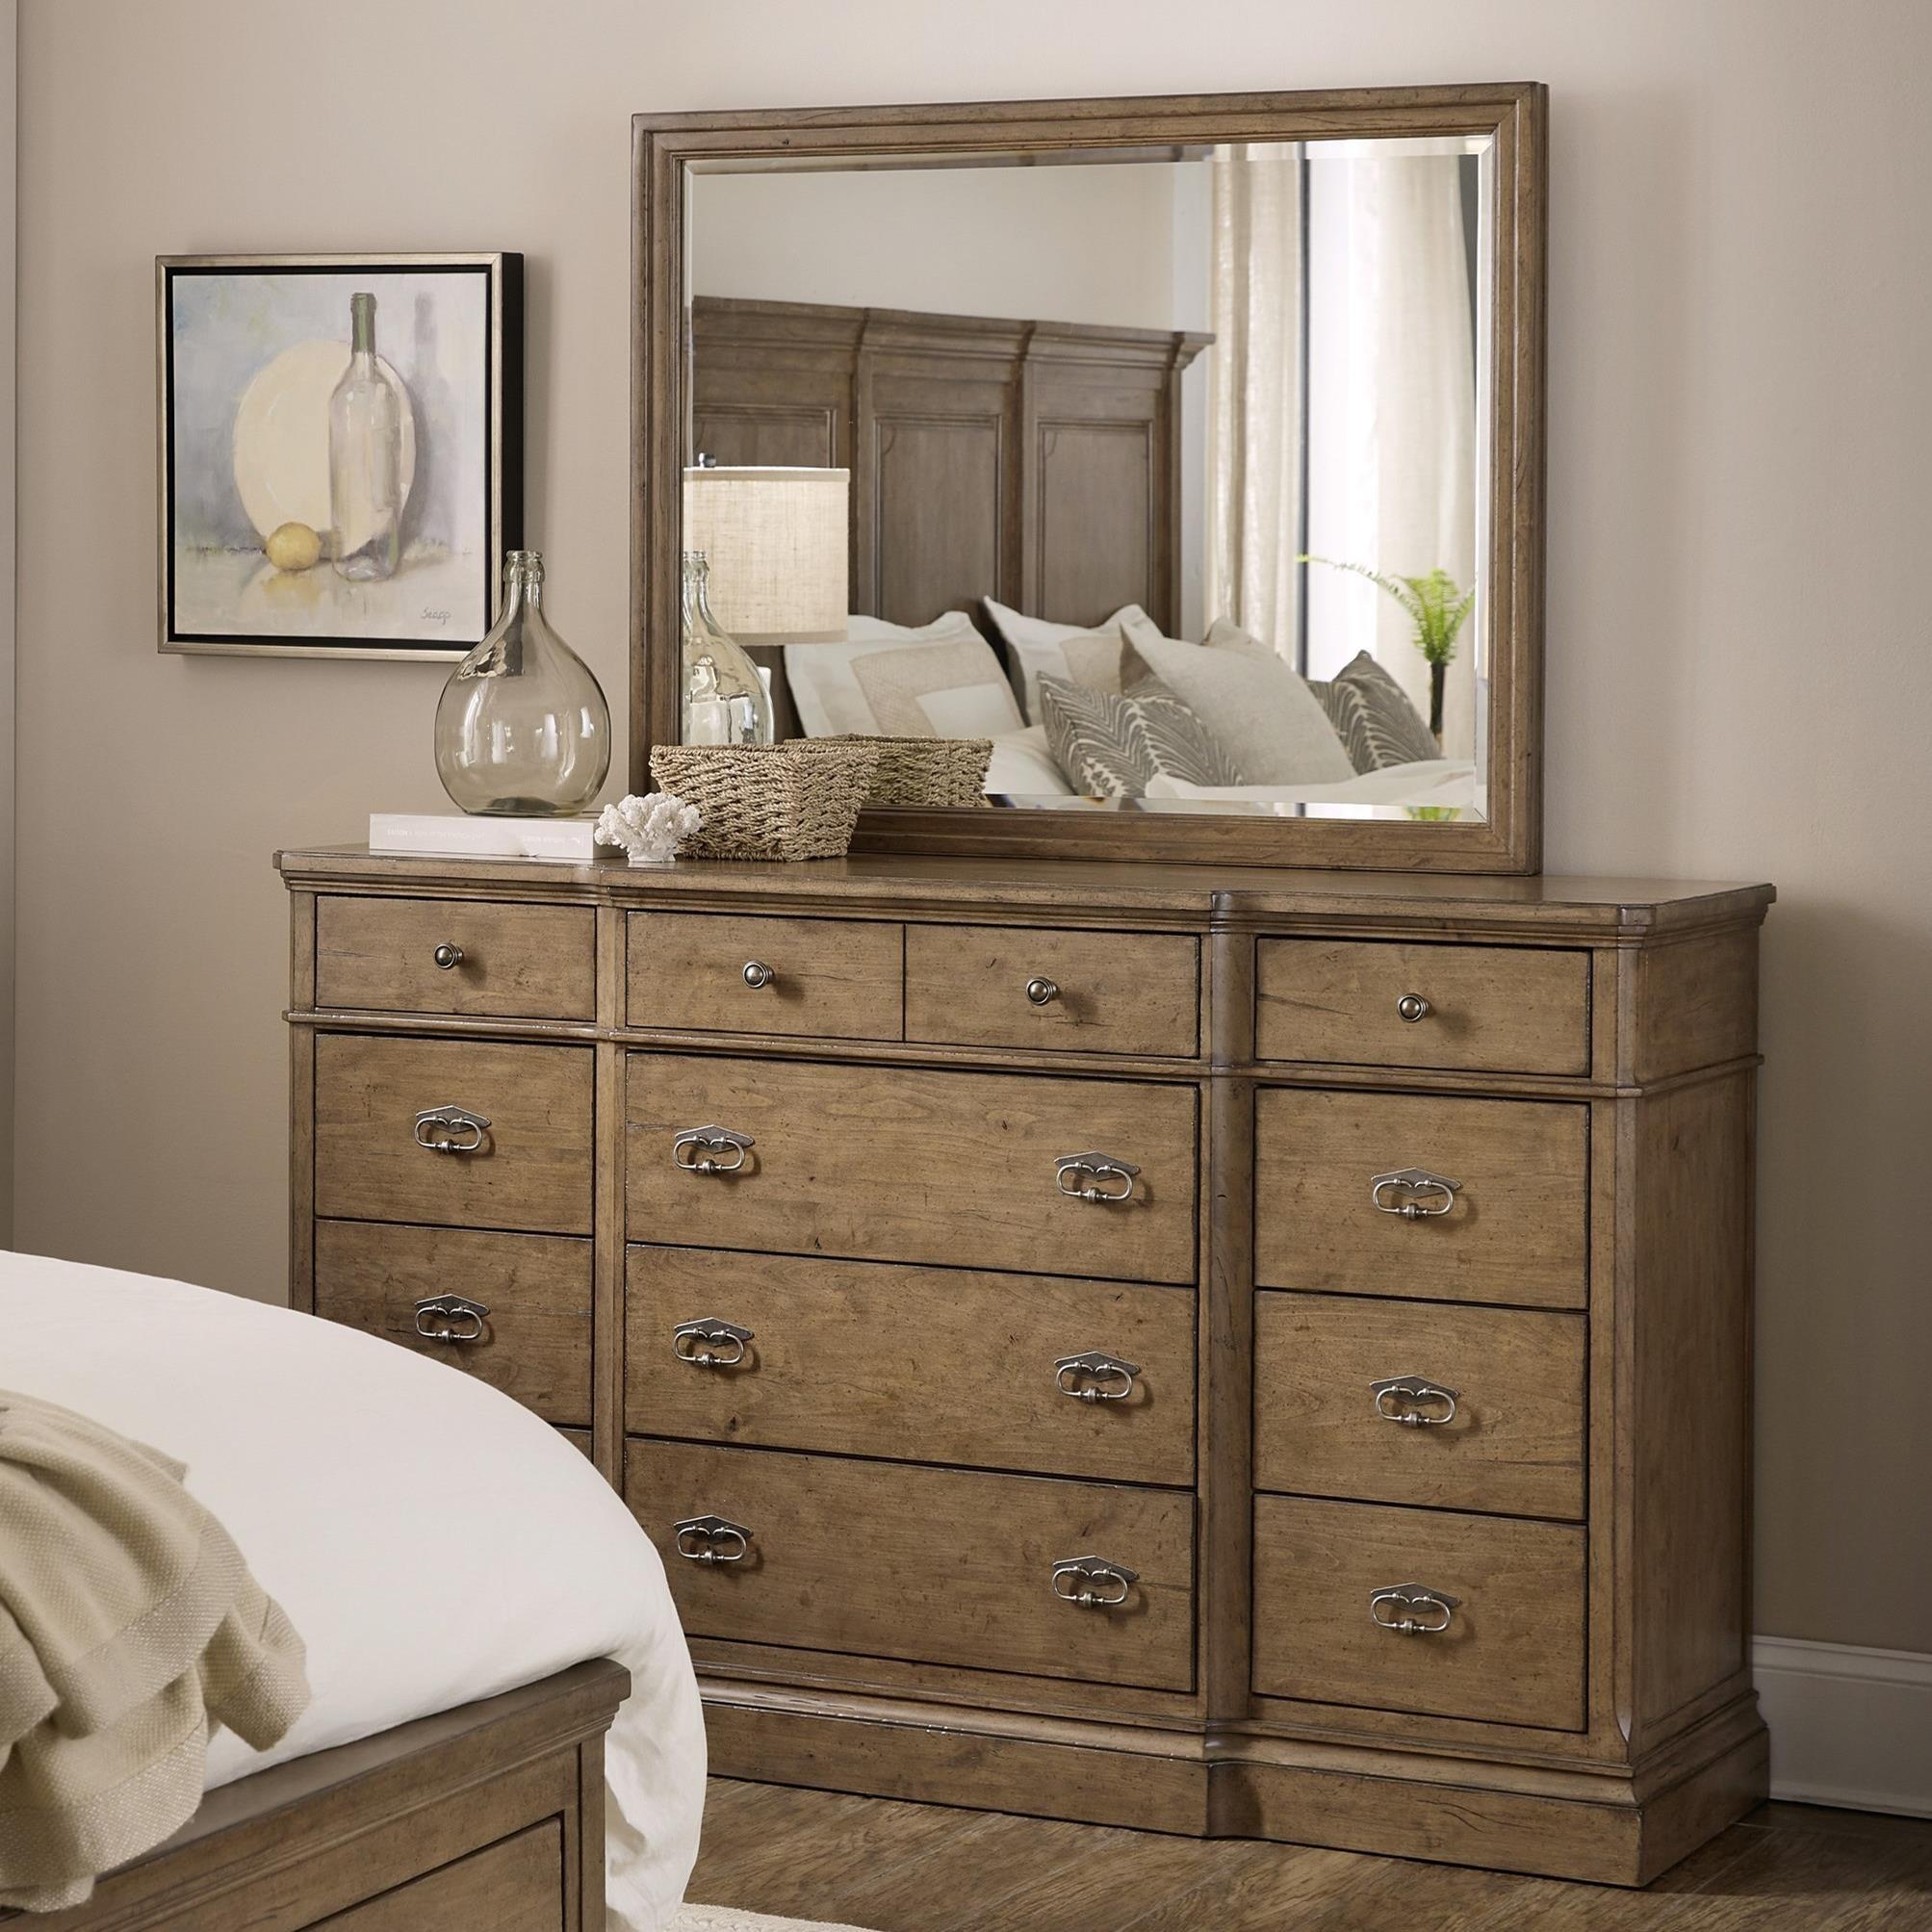 Montebello Dresser + Mirror Set by Hooker Furniture at Stoney Creek Furniture